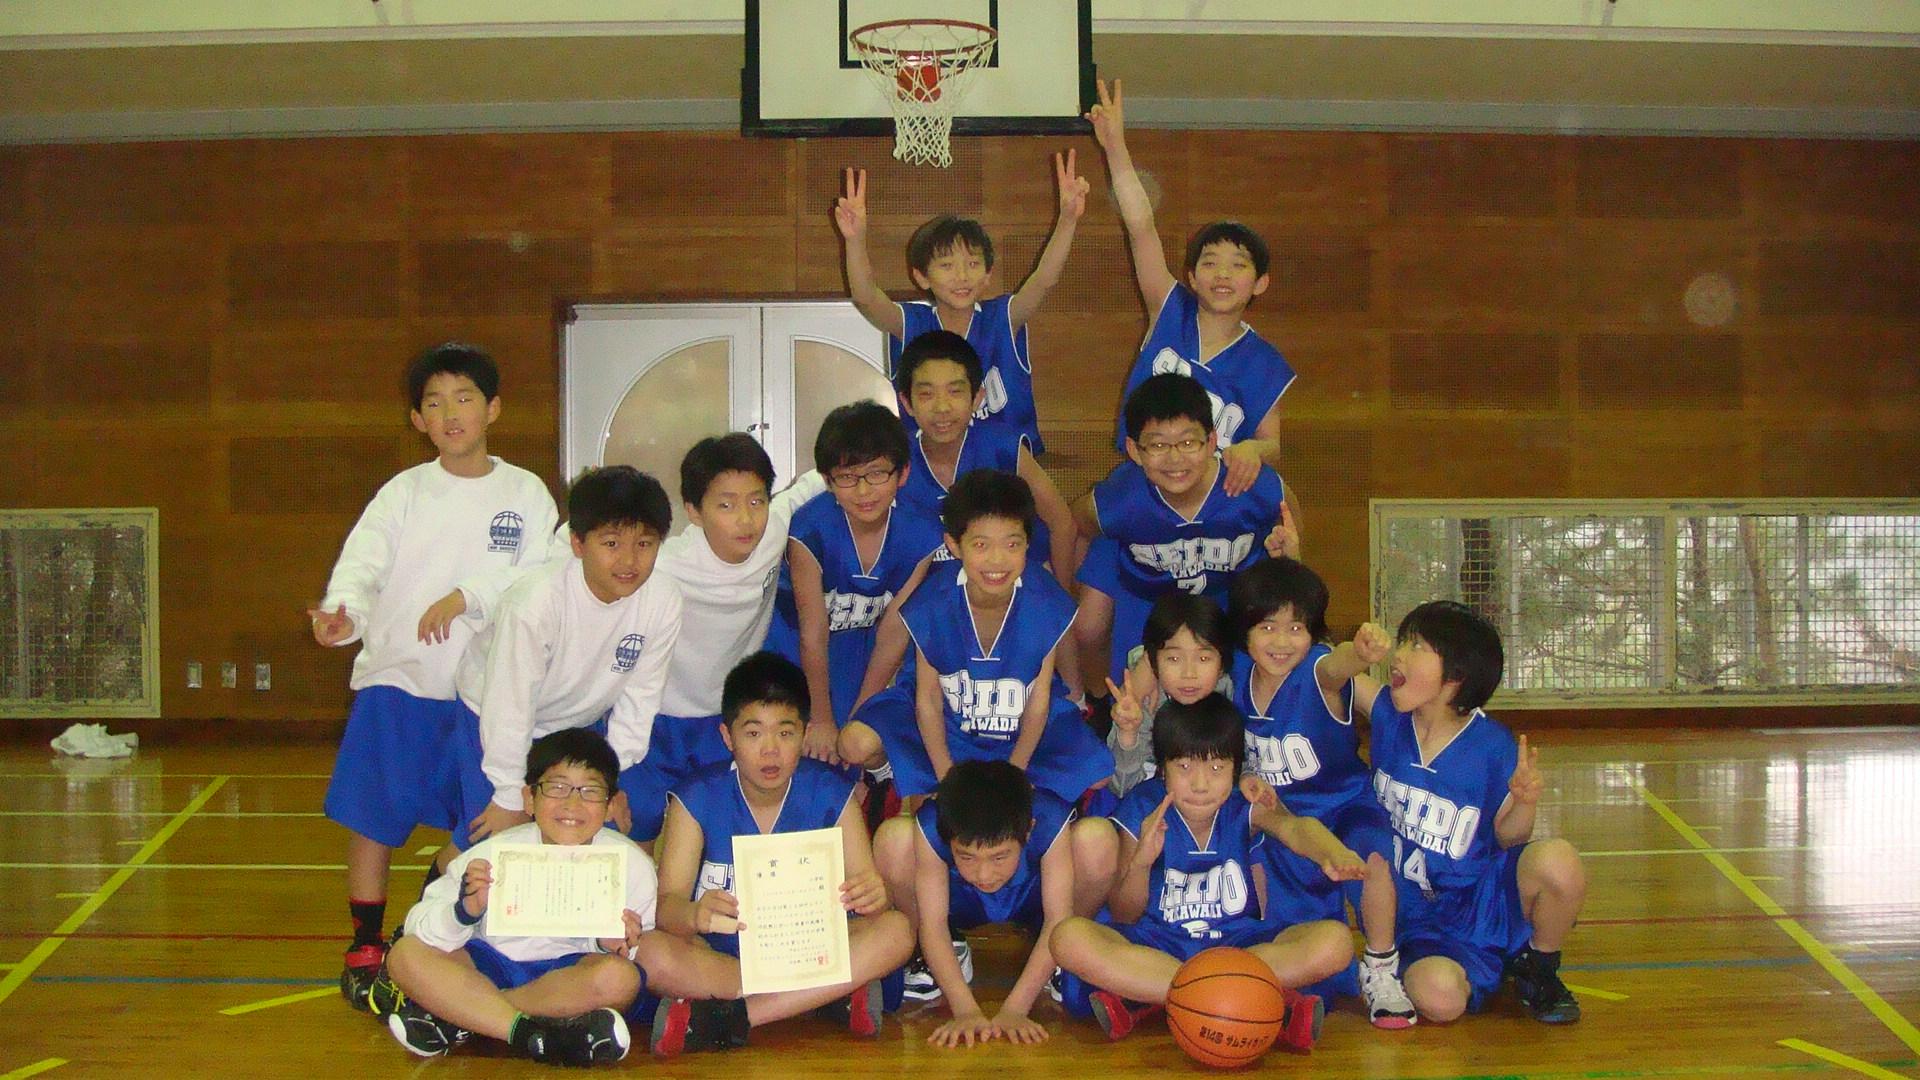 2月22日(日)第14回サムライカップ ミニバスケットボール大会 初優勝!